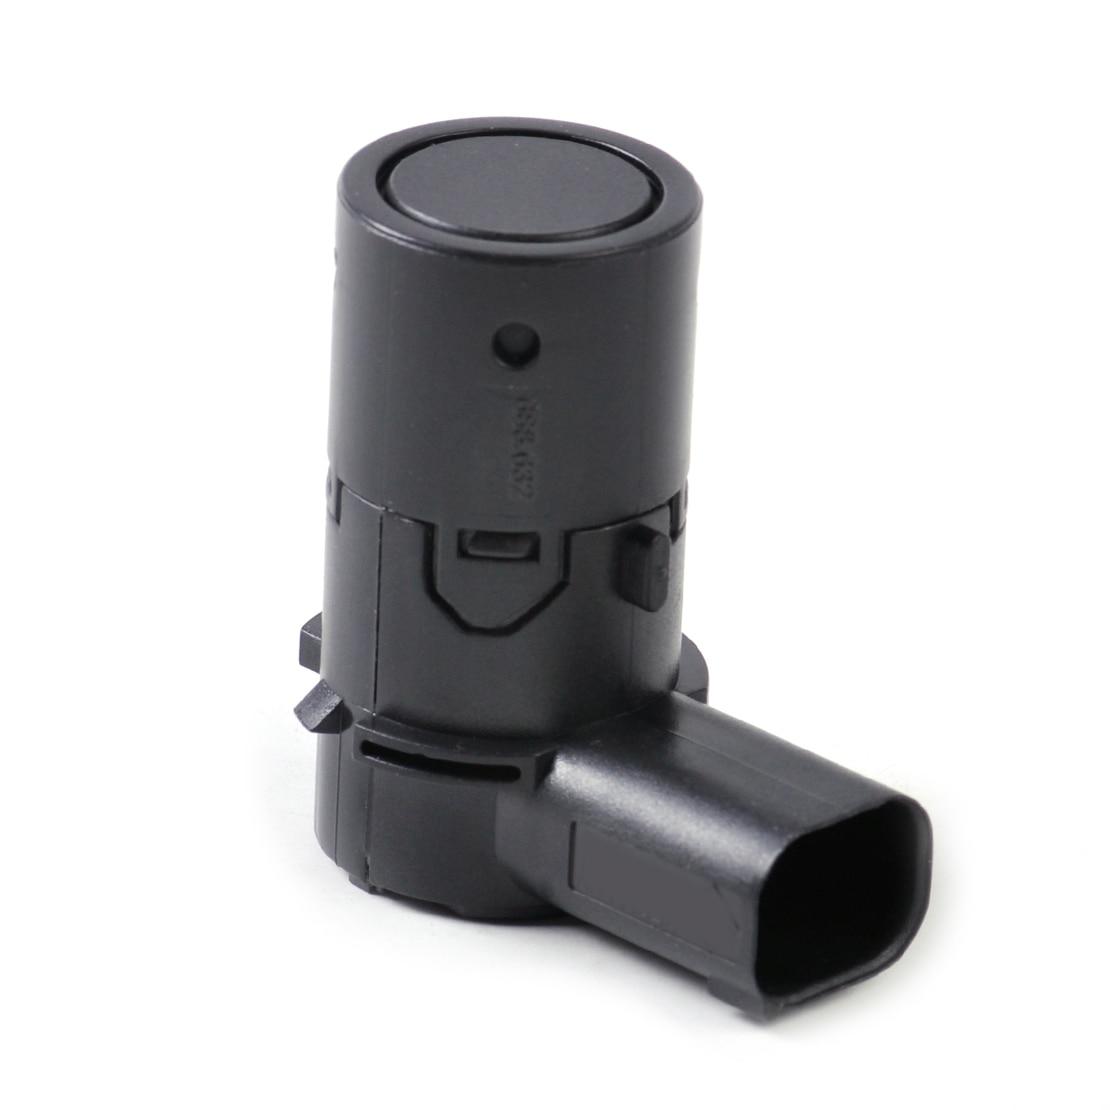 இoem C2c29377xxx Black Pdc Sensor ① Parking Parking